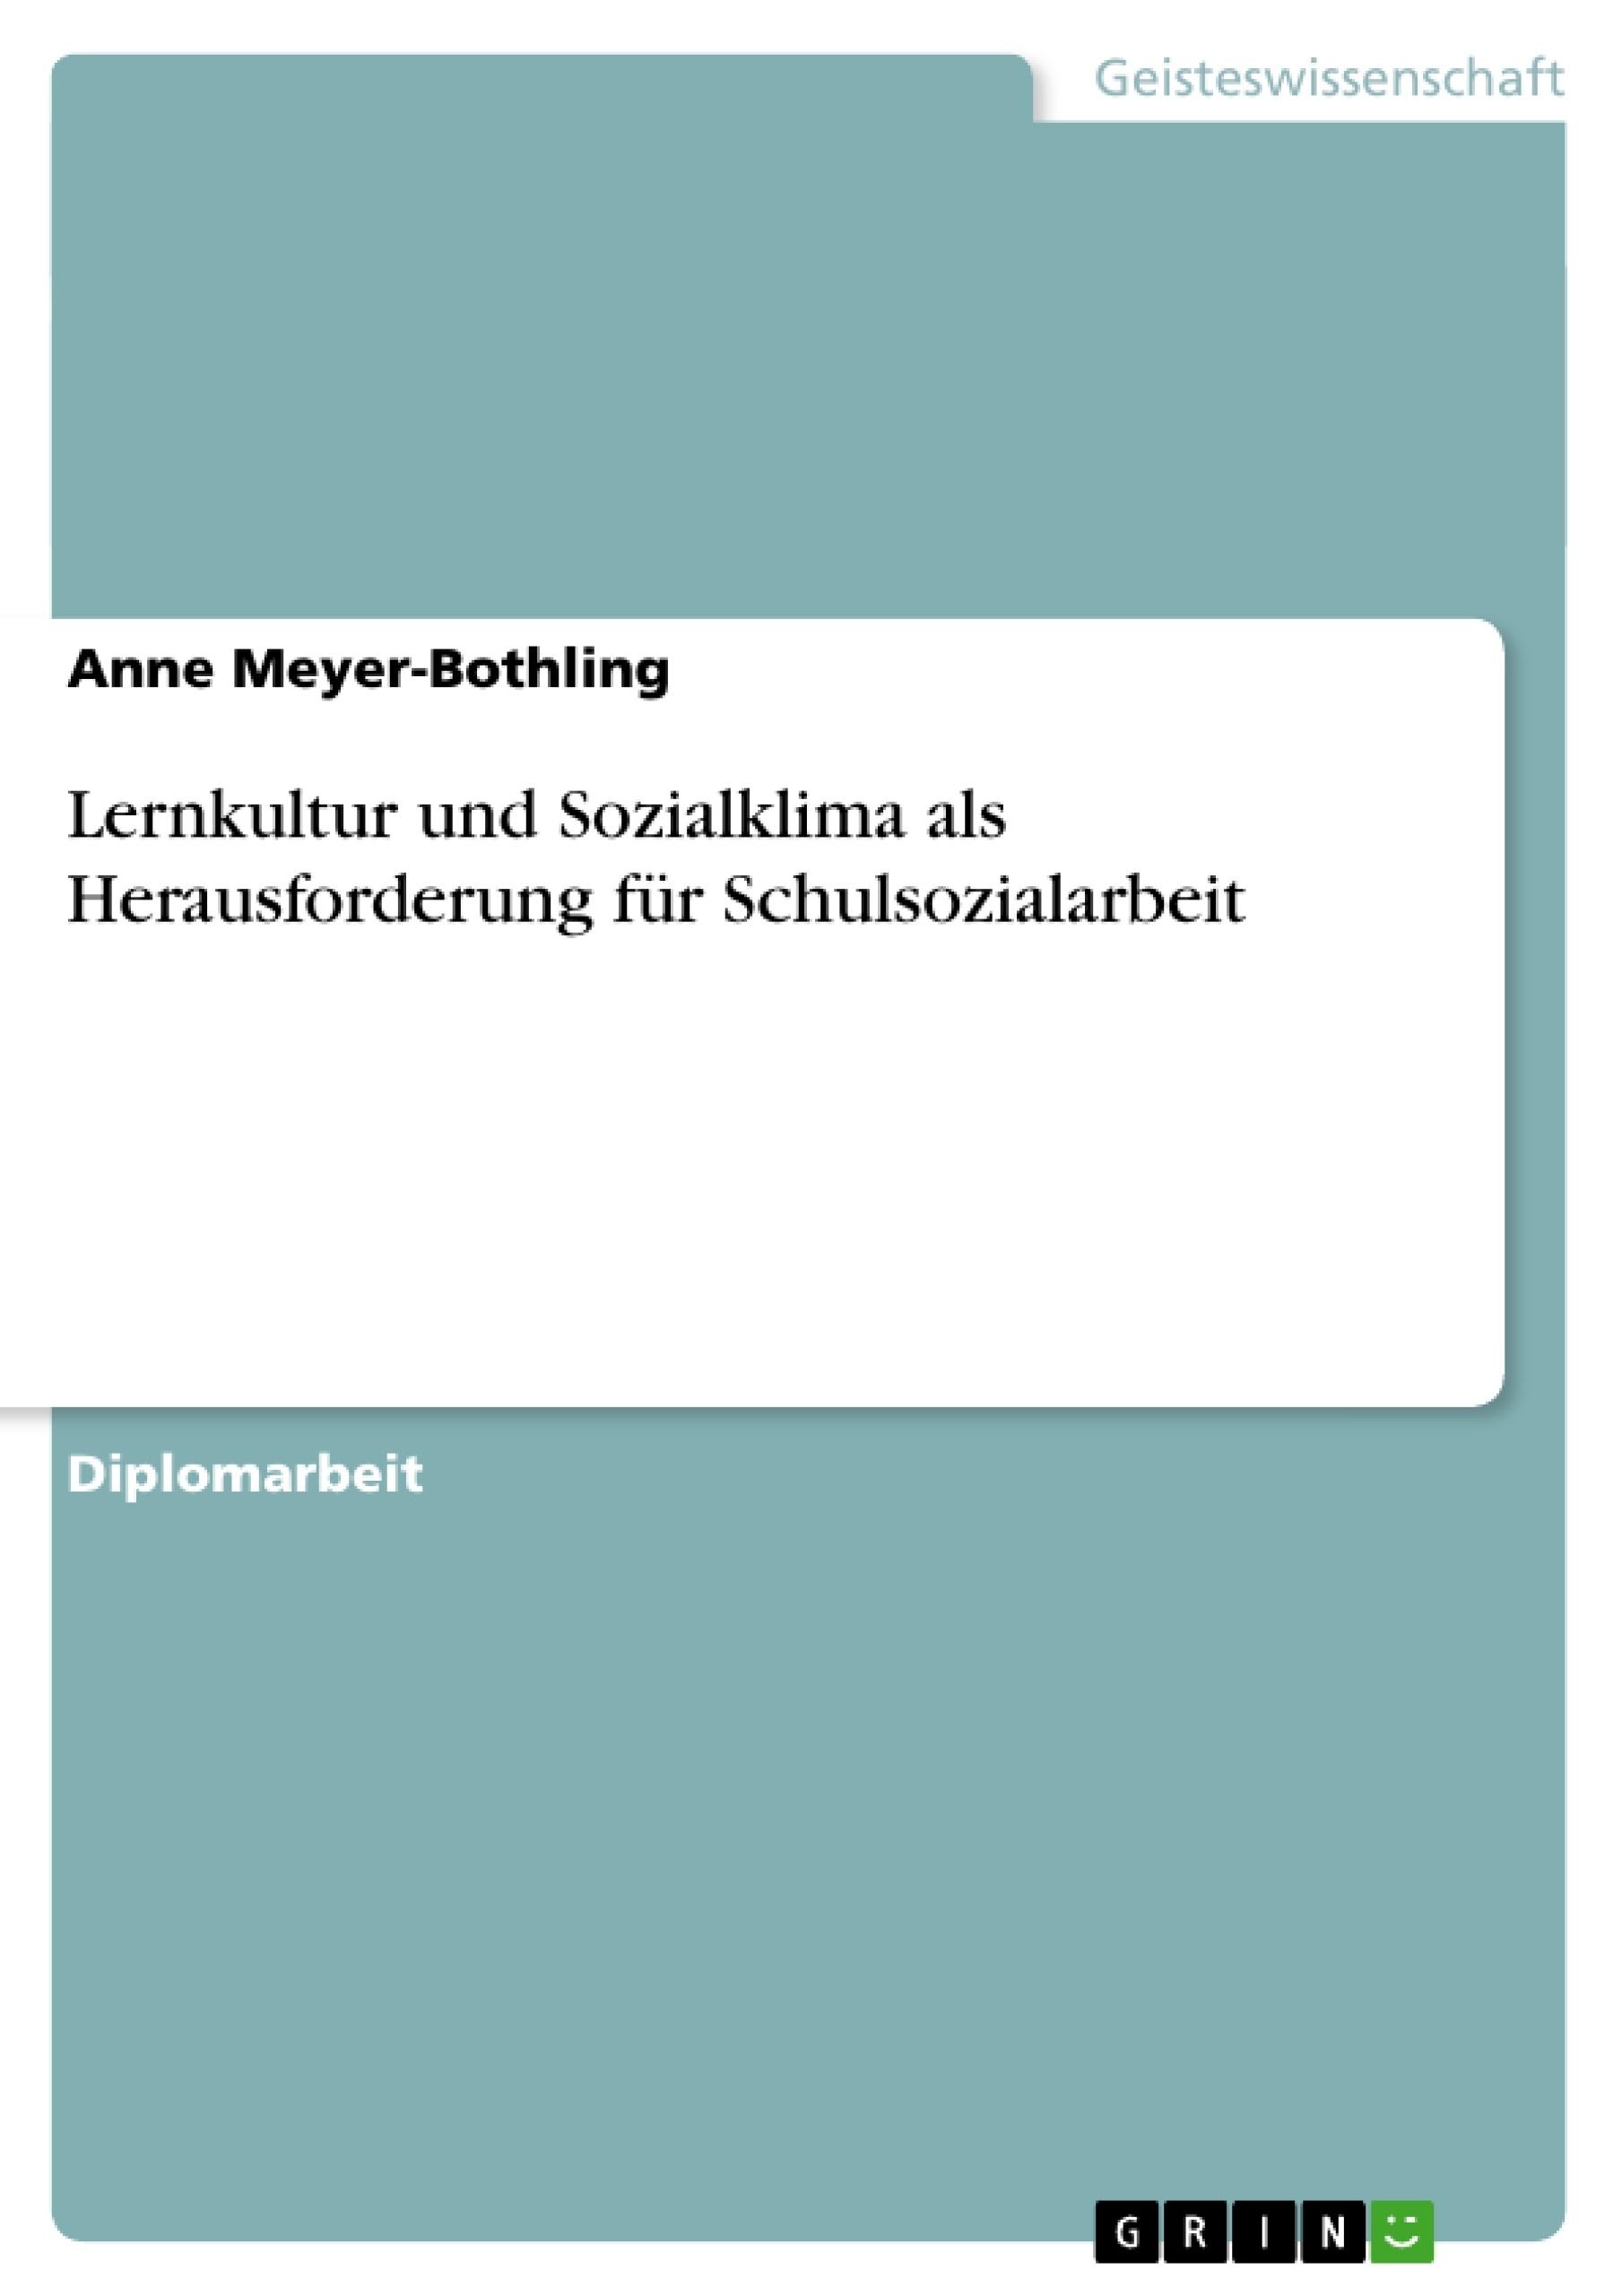 Titel: Lernkultur und Sozialklima als Herausforderung für Schulsozialarbeit